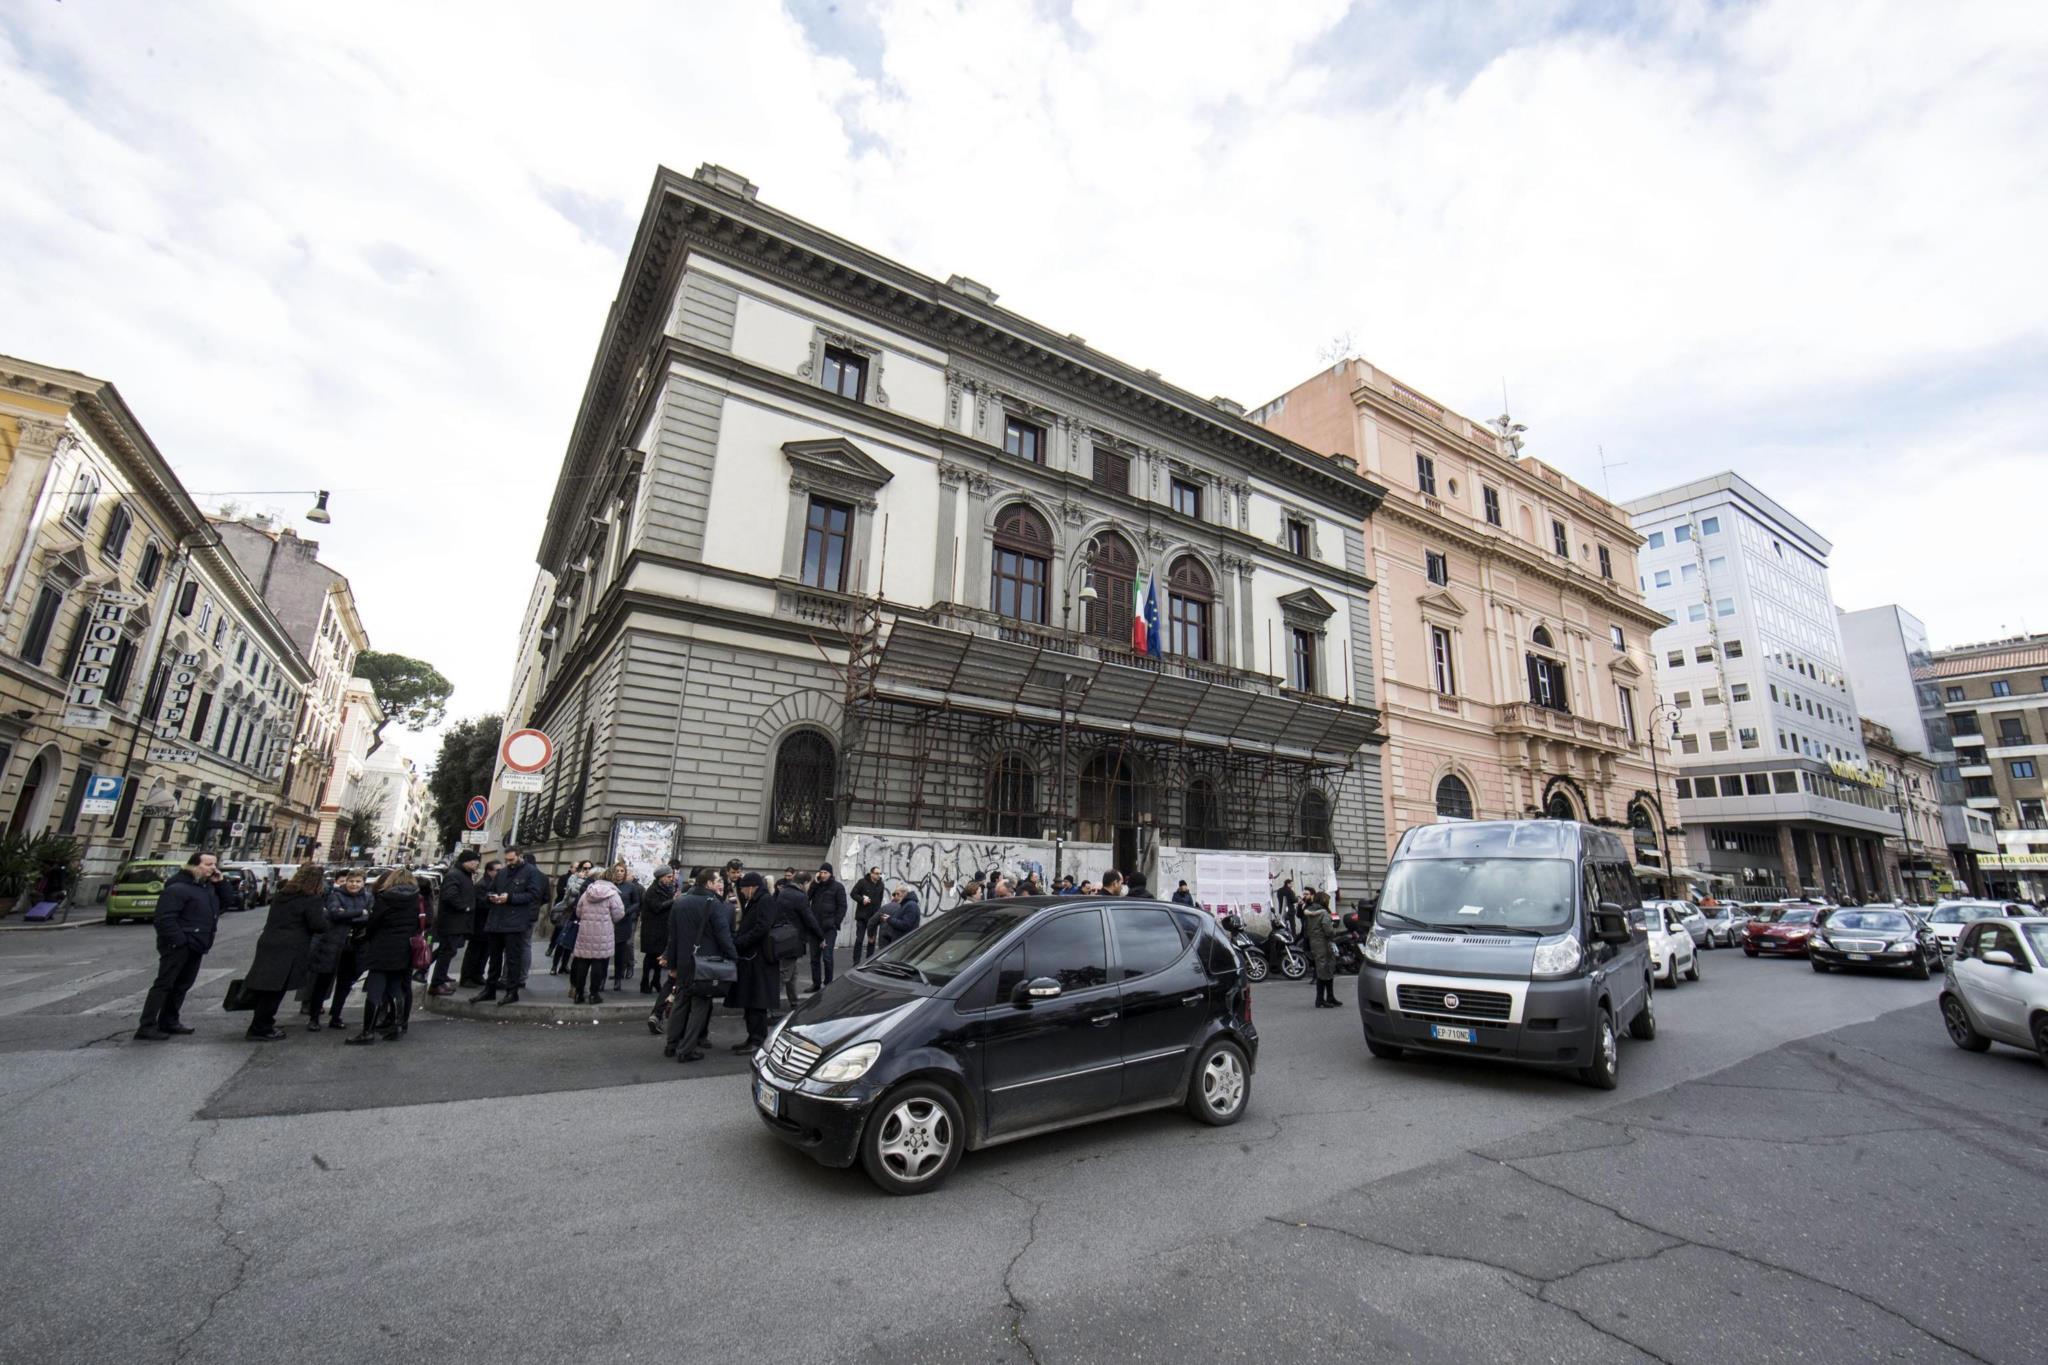 PÚBLICO - Itália abalada por três sismos de magnitude próxima ao de Áquila